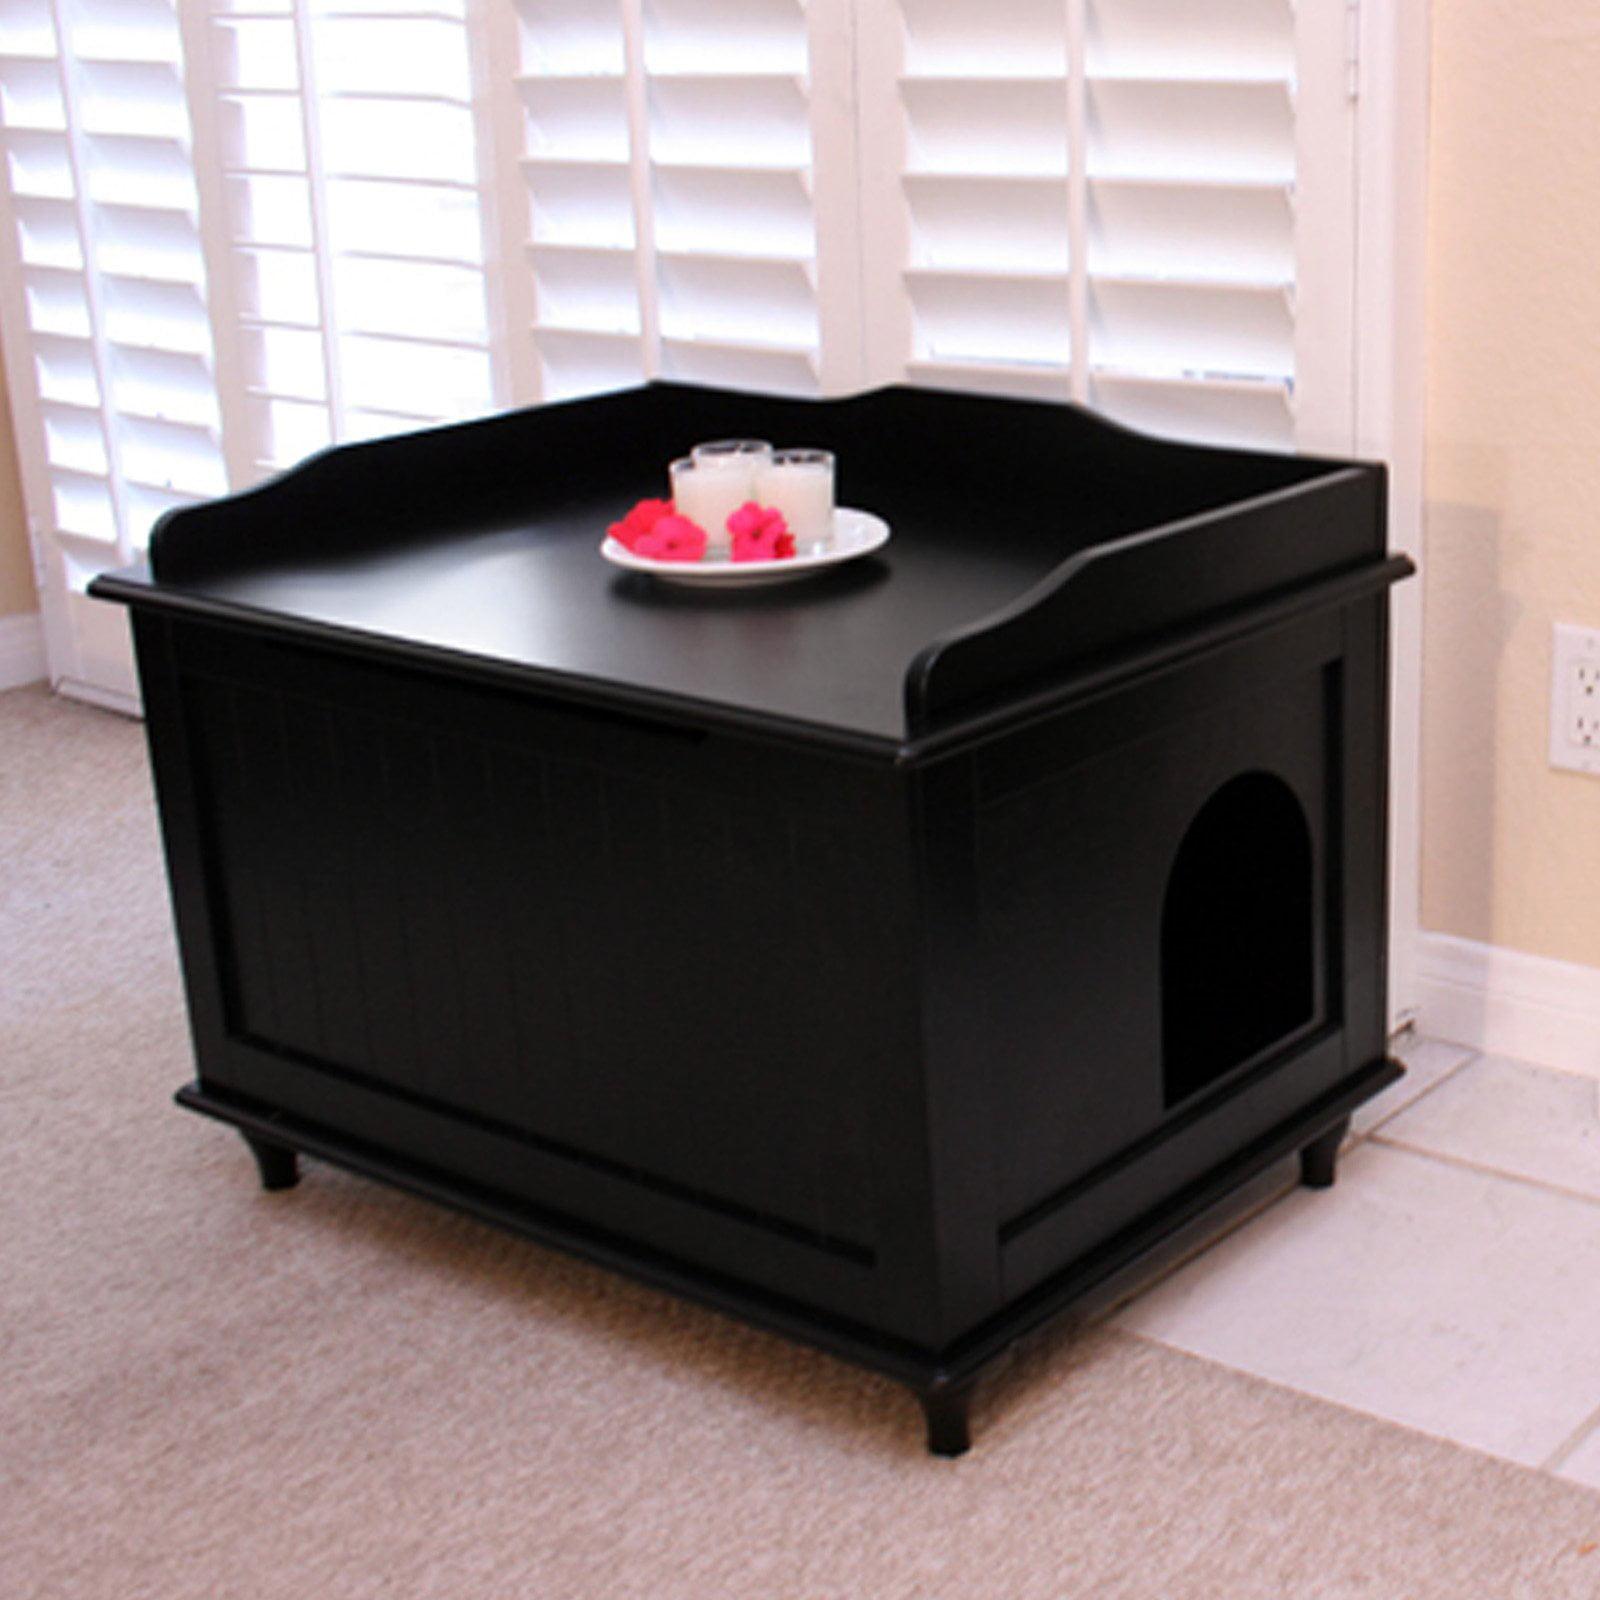 designer catbox litter box enclosure walmartcom - Cat Litter Box Enclosure